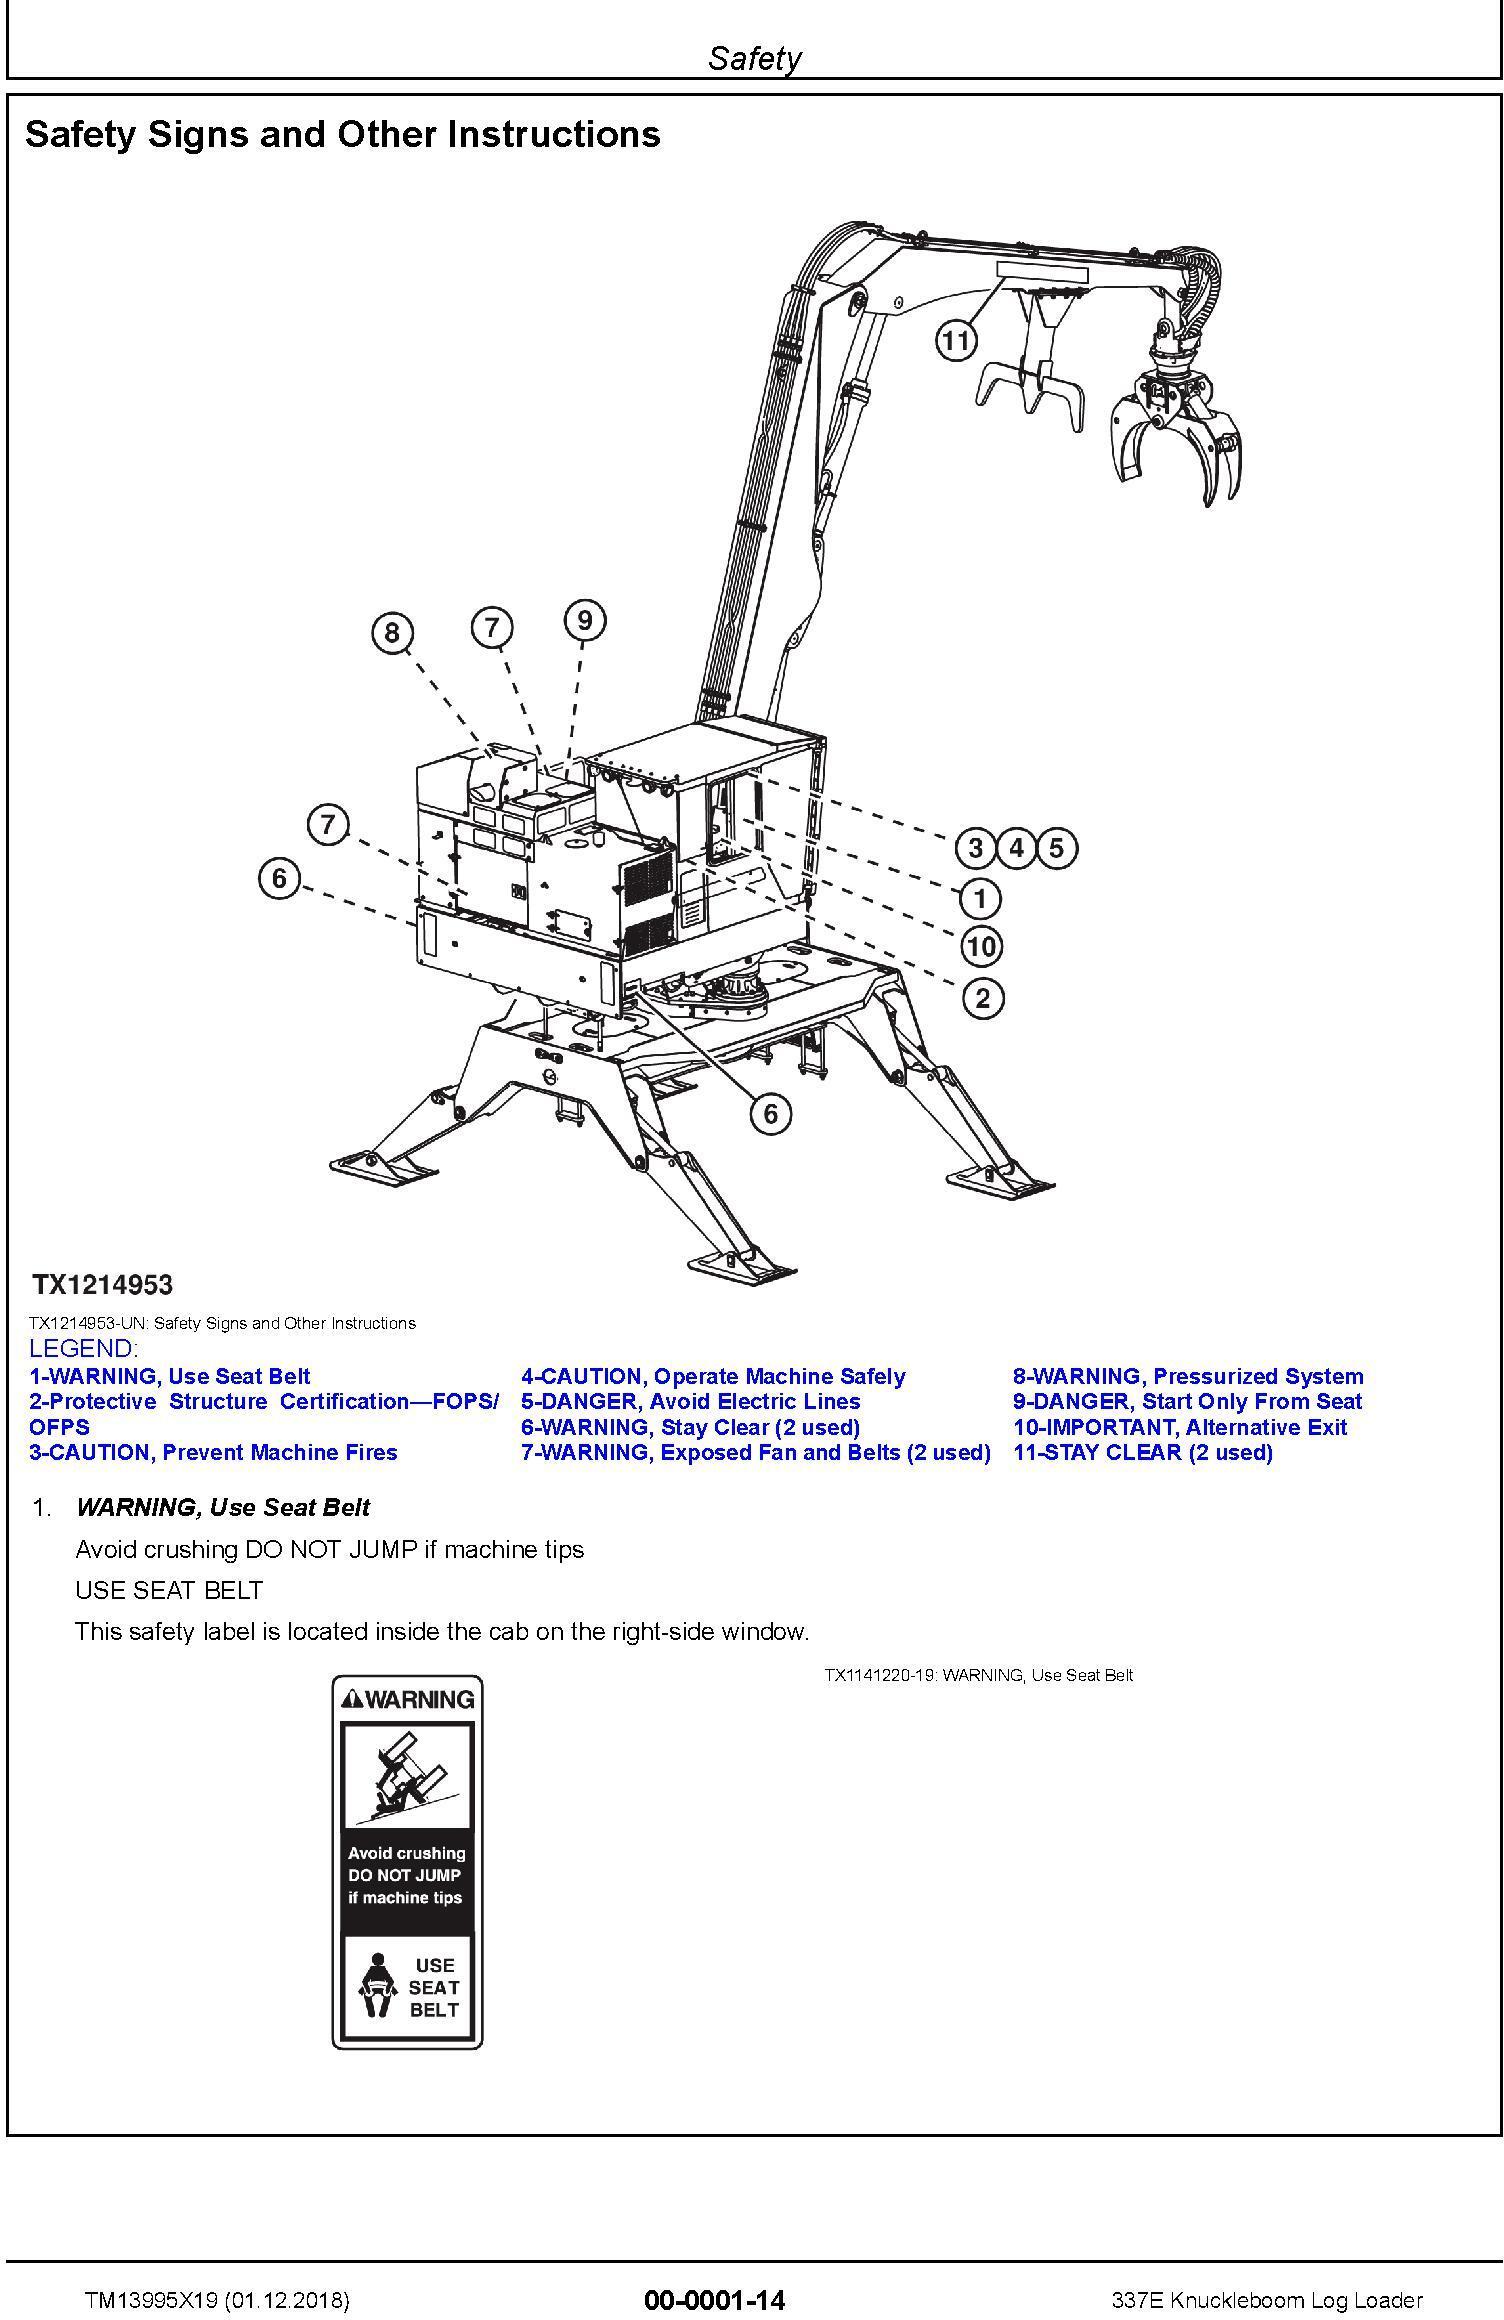 John Deere 337E (SN. C306736-) Knuckleboom Log Loader Repair Manual (TM13995X19) - 1